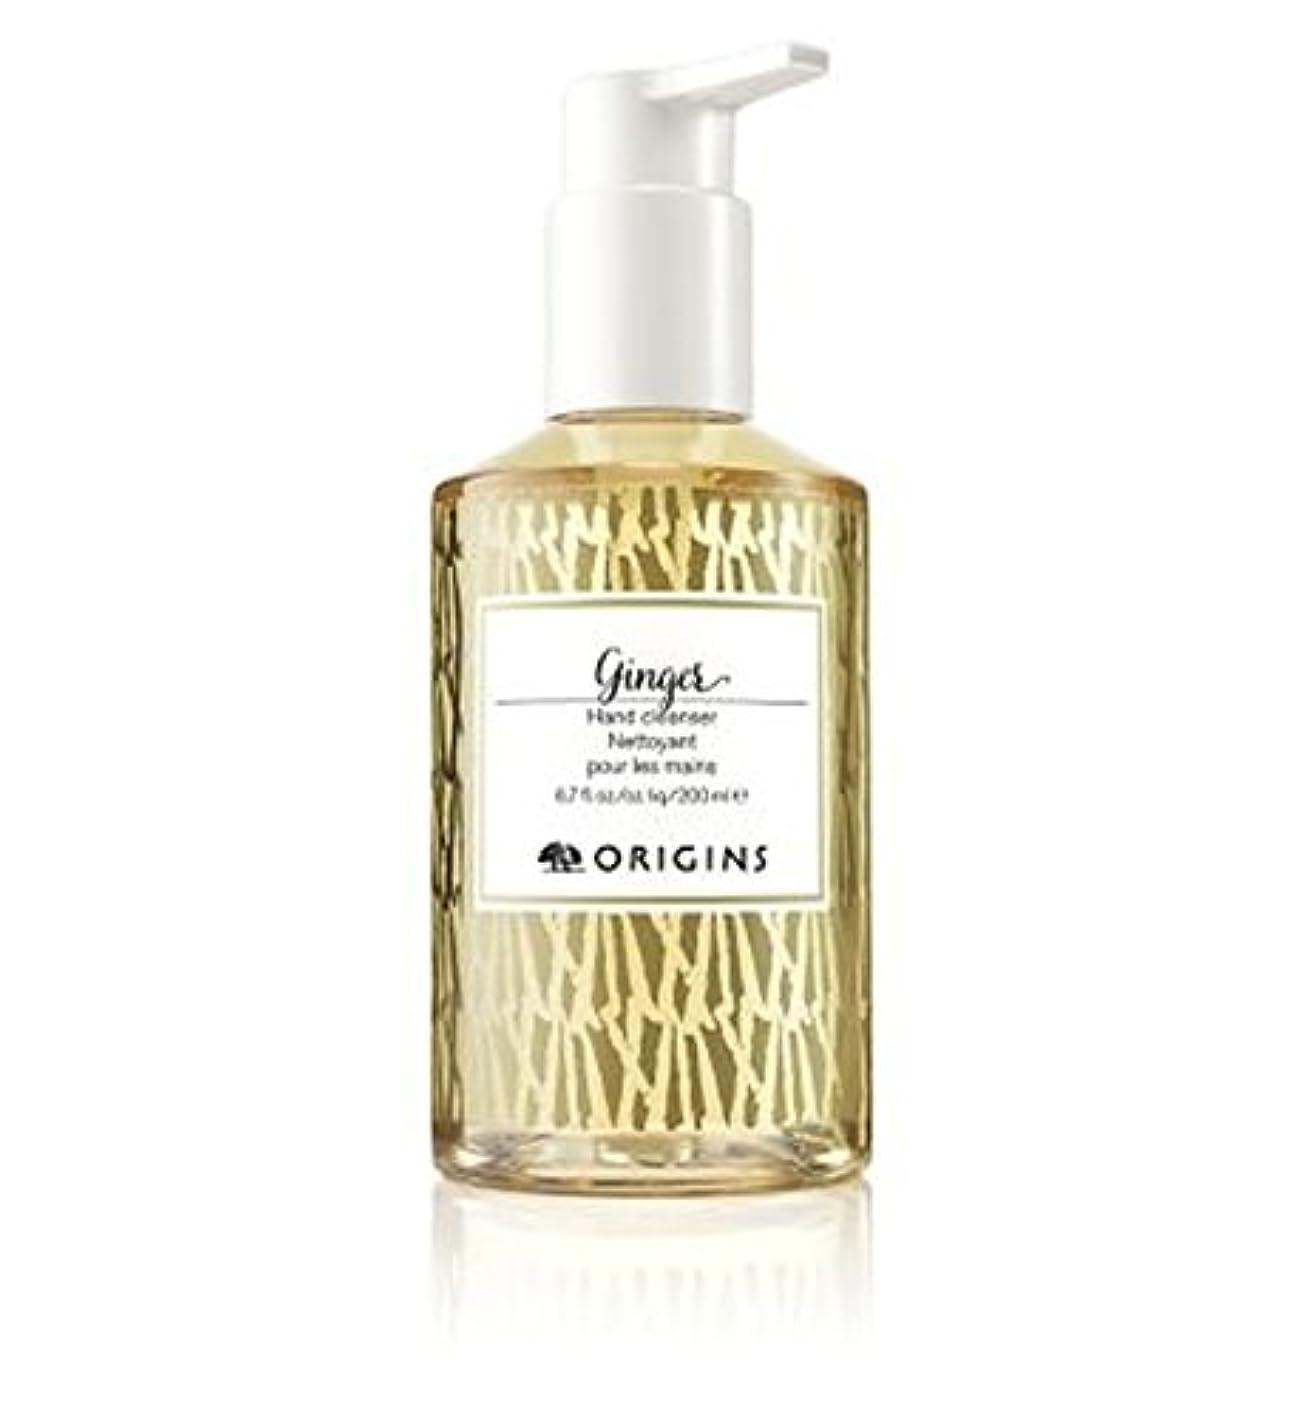 Origins Ginger Hand cleanser - 起源ジンジャーハンドクレンザー (Origins) [並行輸入品]